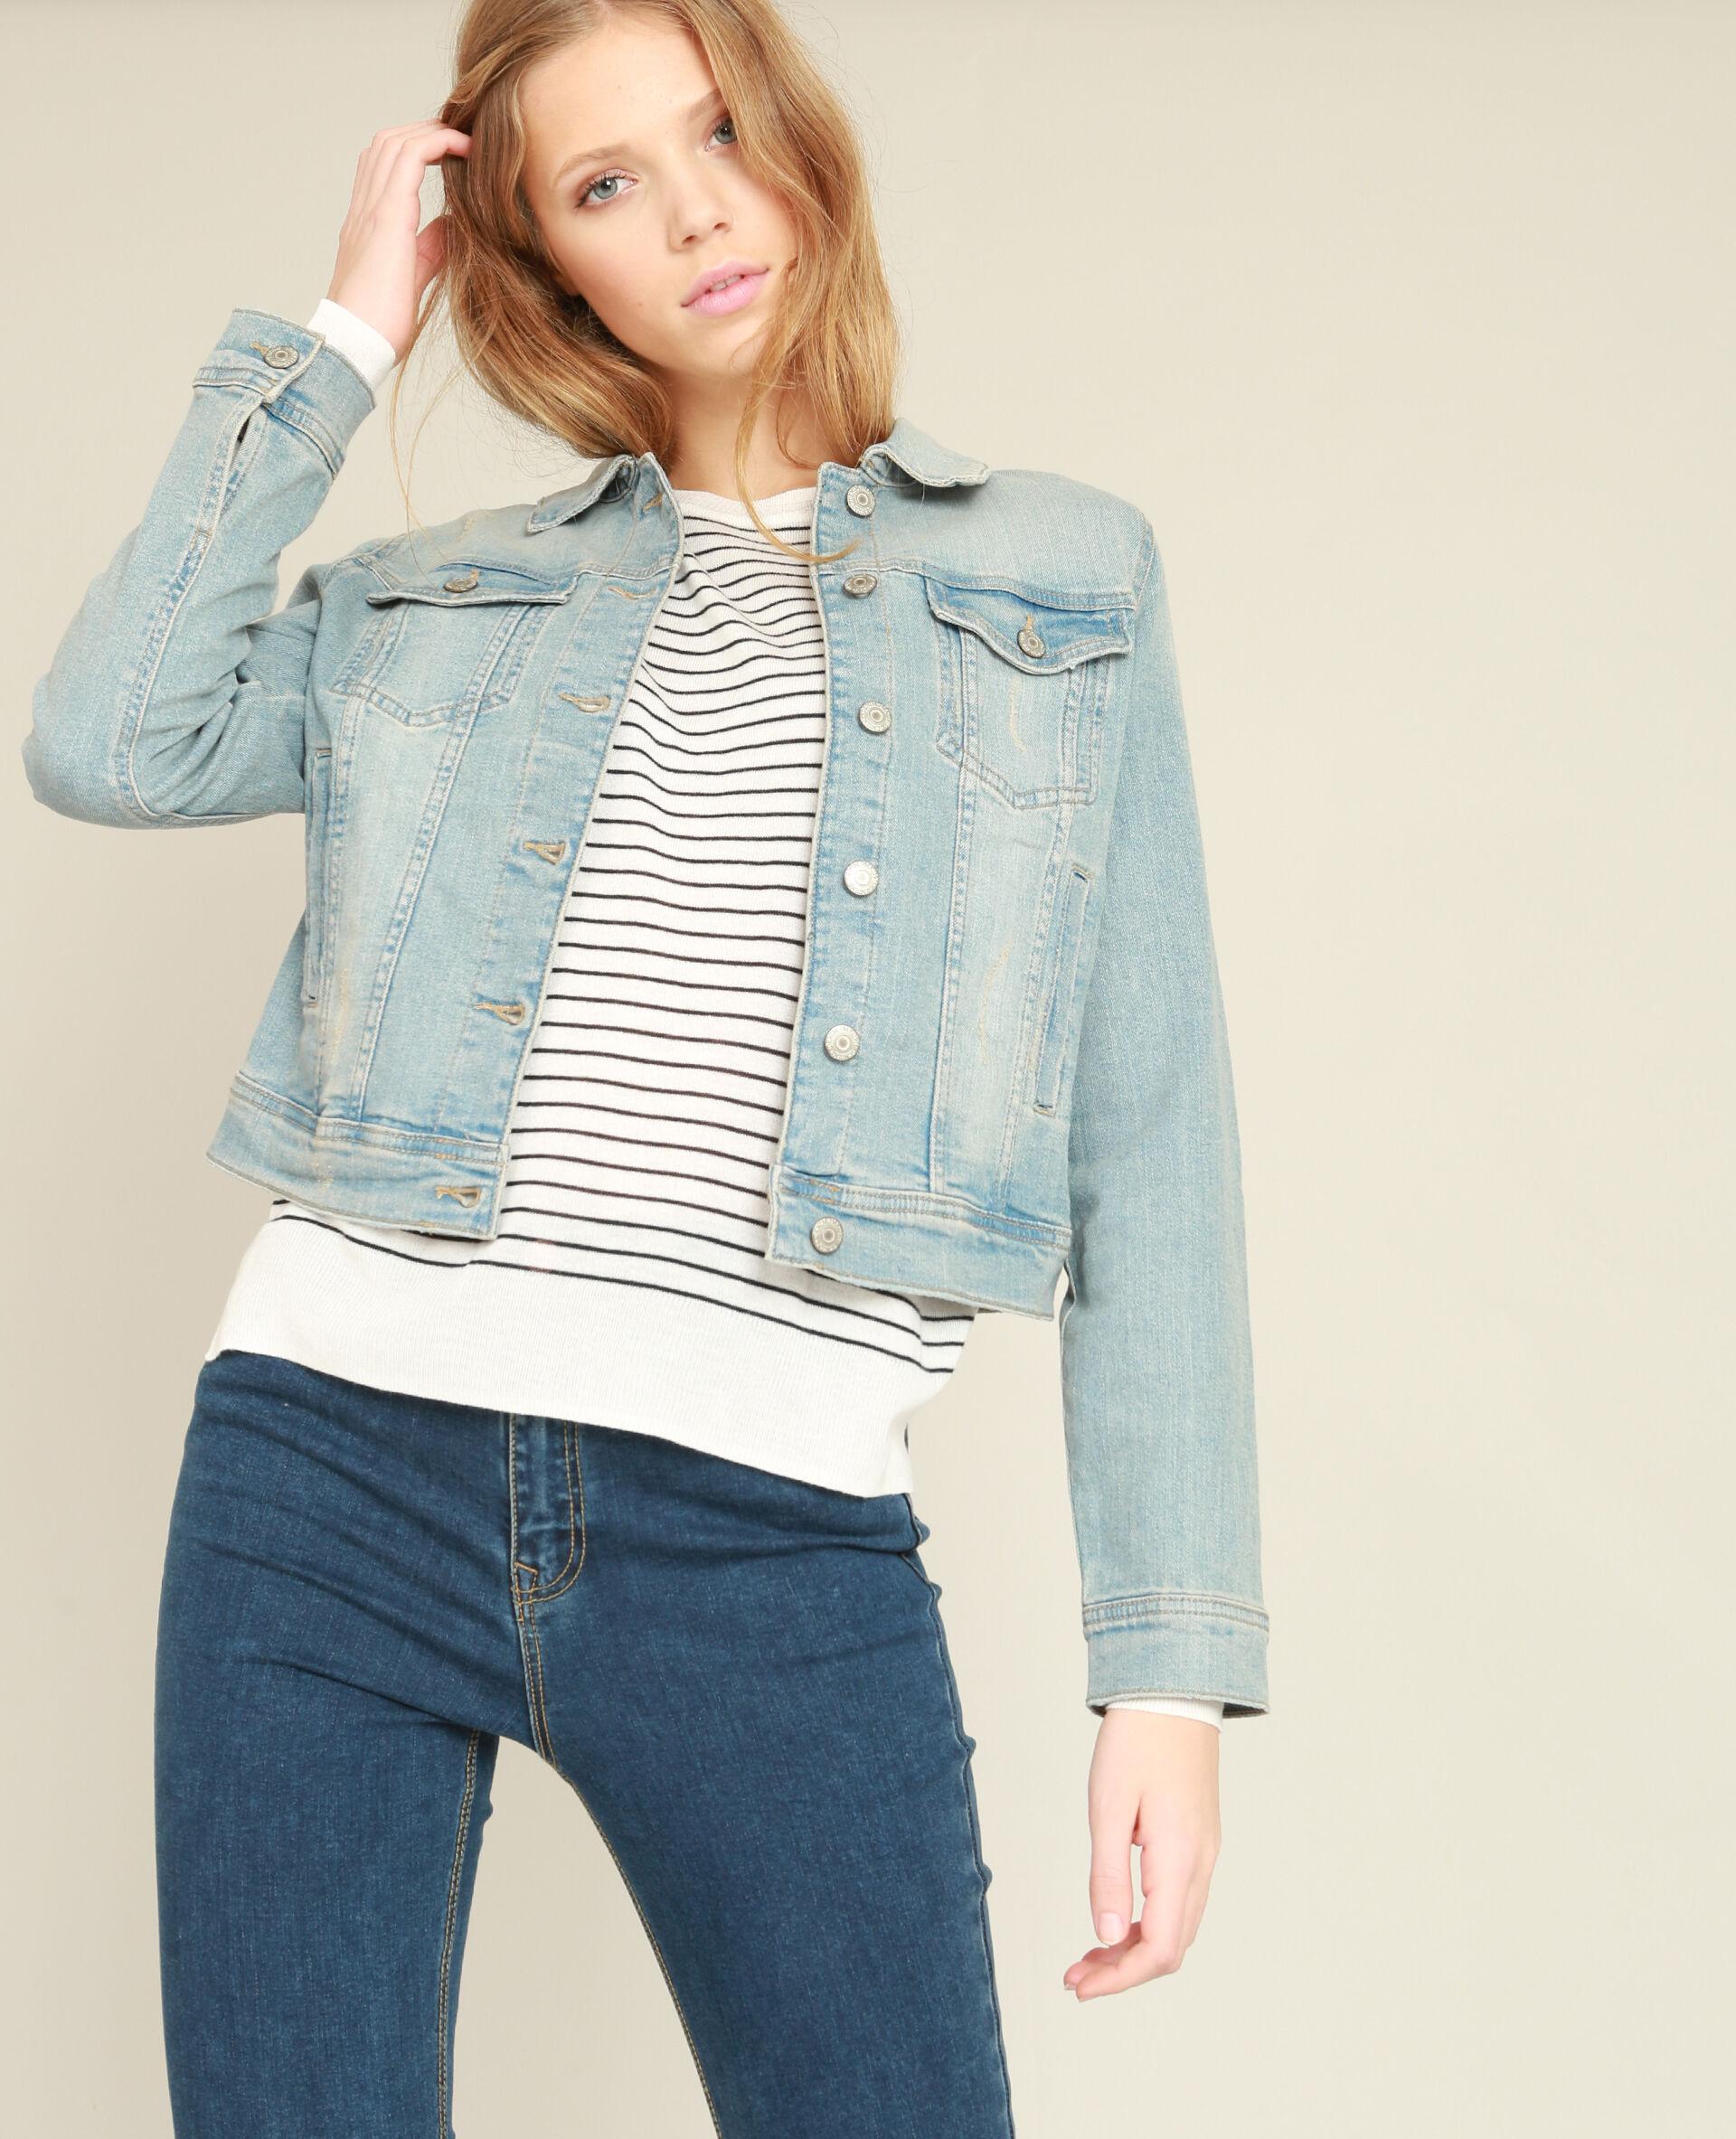 ✅Veste en jean Femme - Couleur bleu - Taille XS - PIMKIE - MODE FEMME